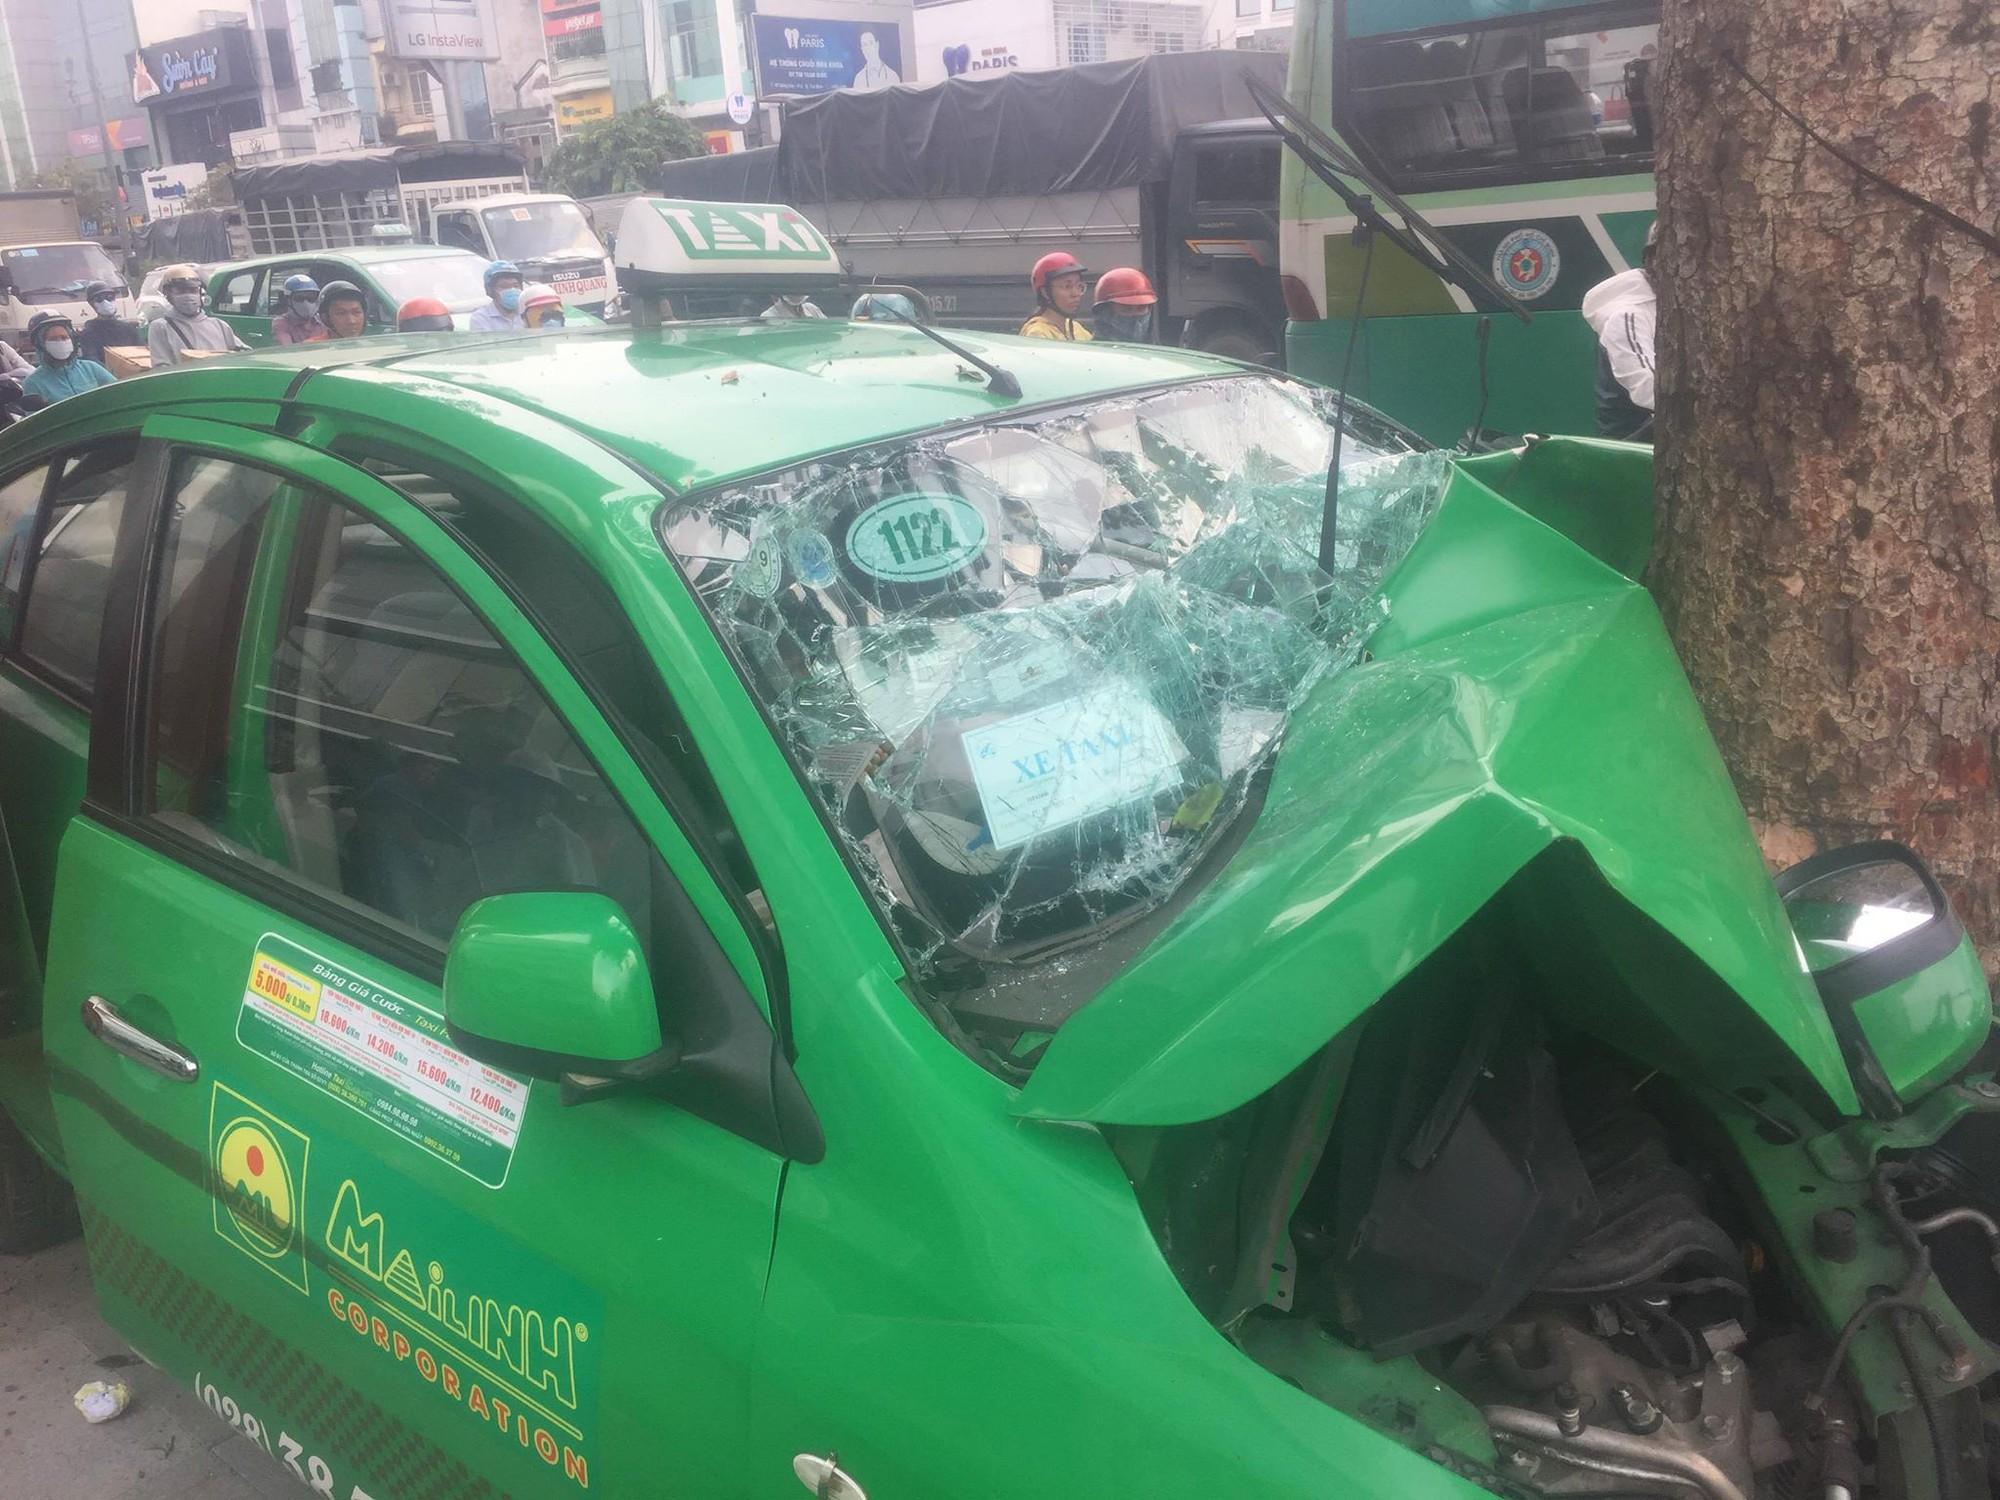 Sau va chạm trên đường, xe taxi tông mạnh vào gốc cây xanh ở Sài Gòn khiến 2 người nhập viện cấp cứu-2